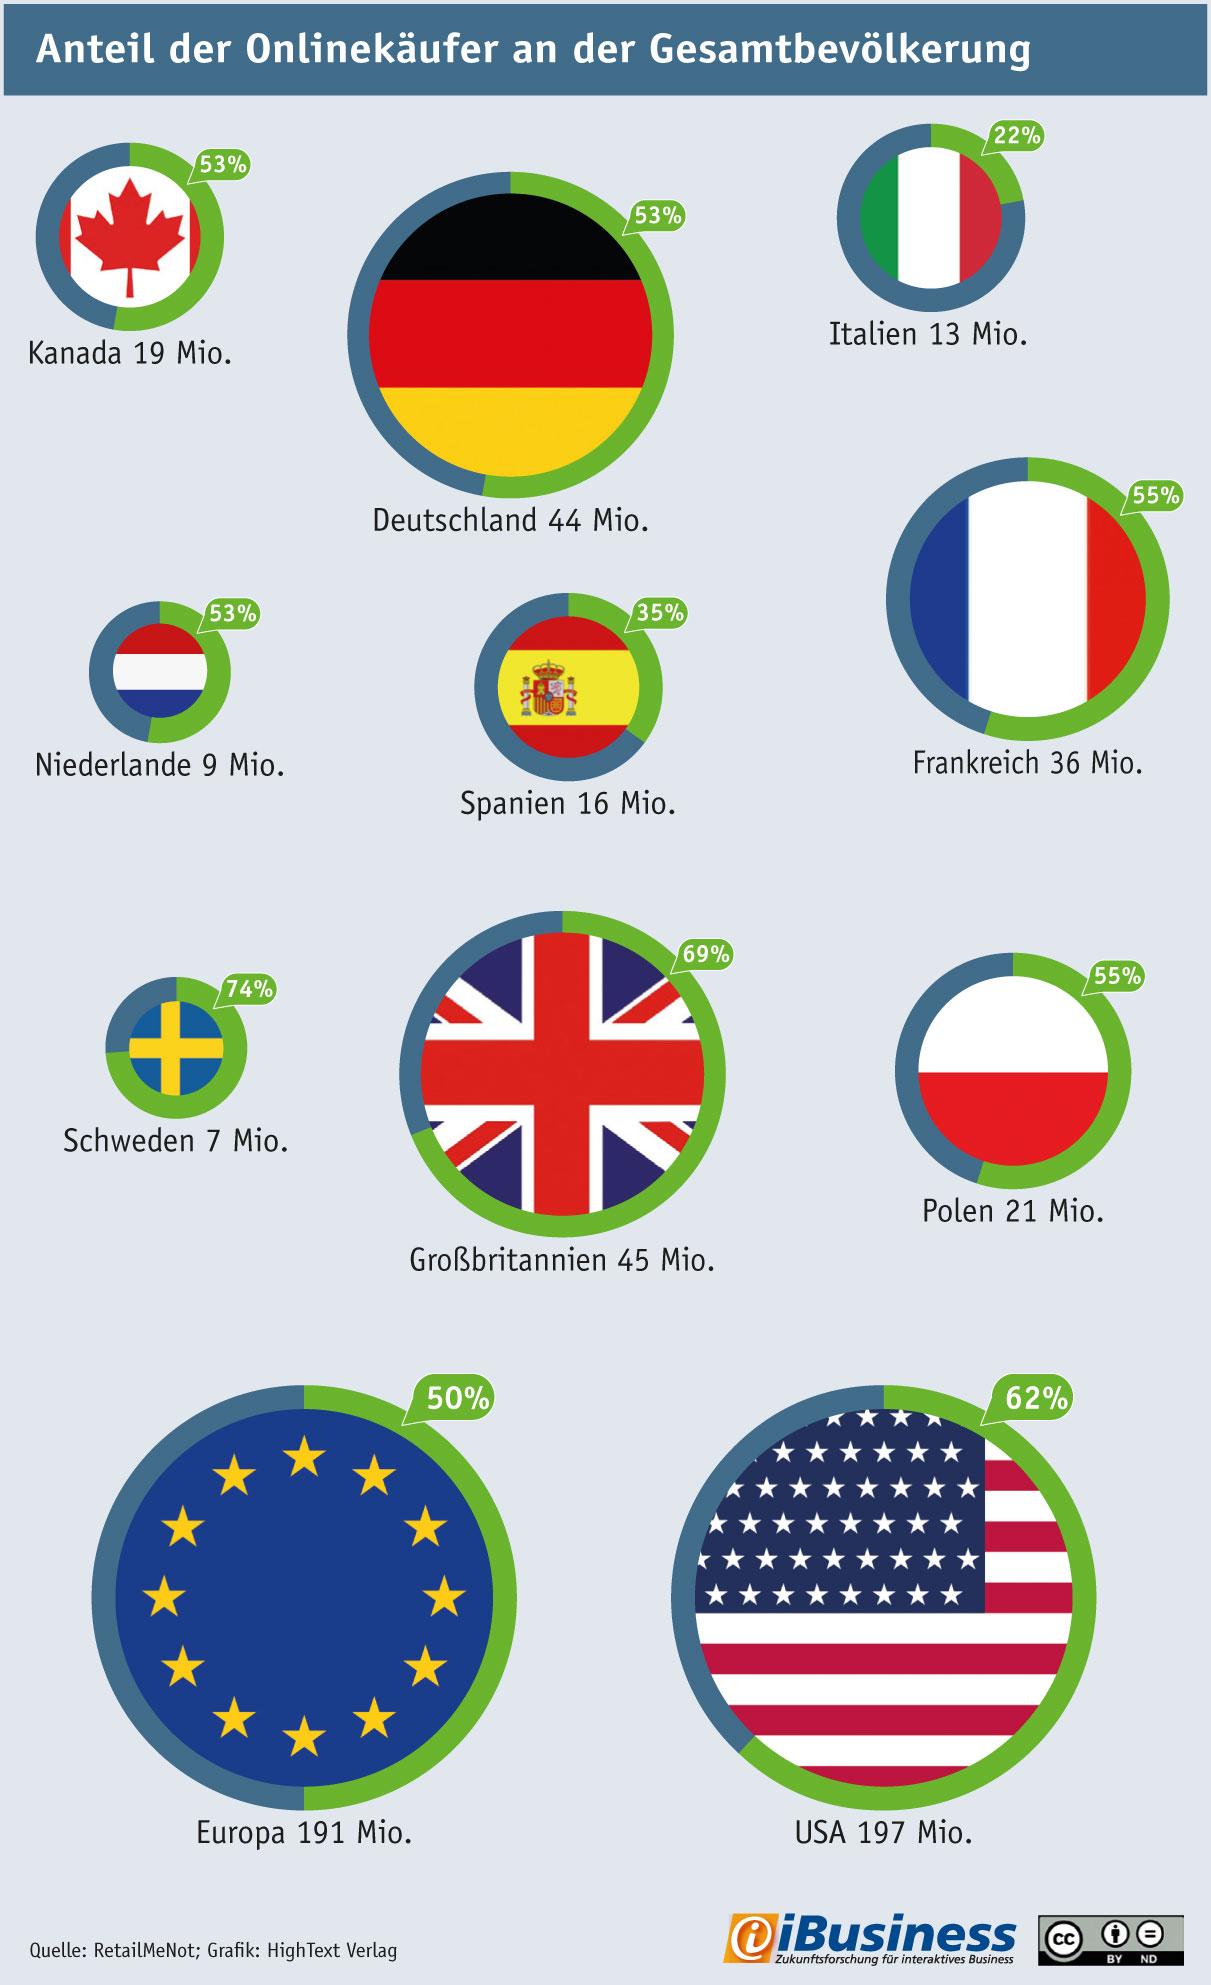 Infografik: Anteil der Onlinek�ufer an der Gesamtbev�lkerung nach L�ndern 2015